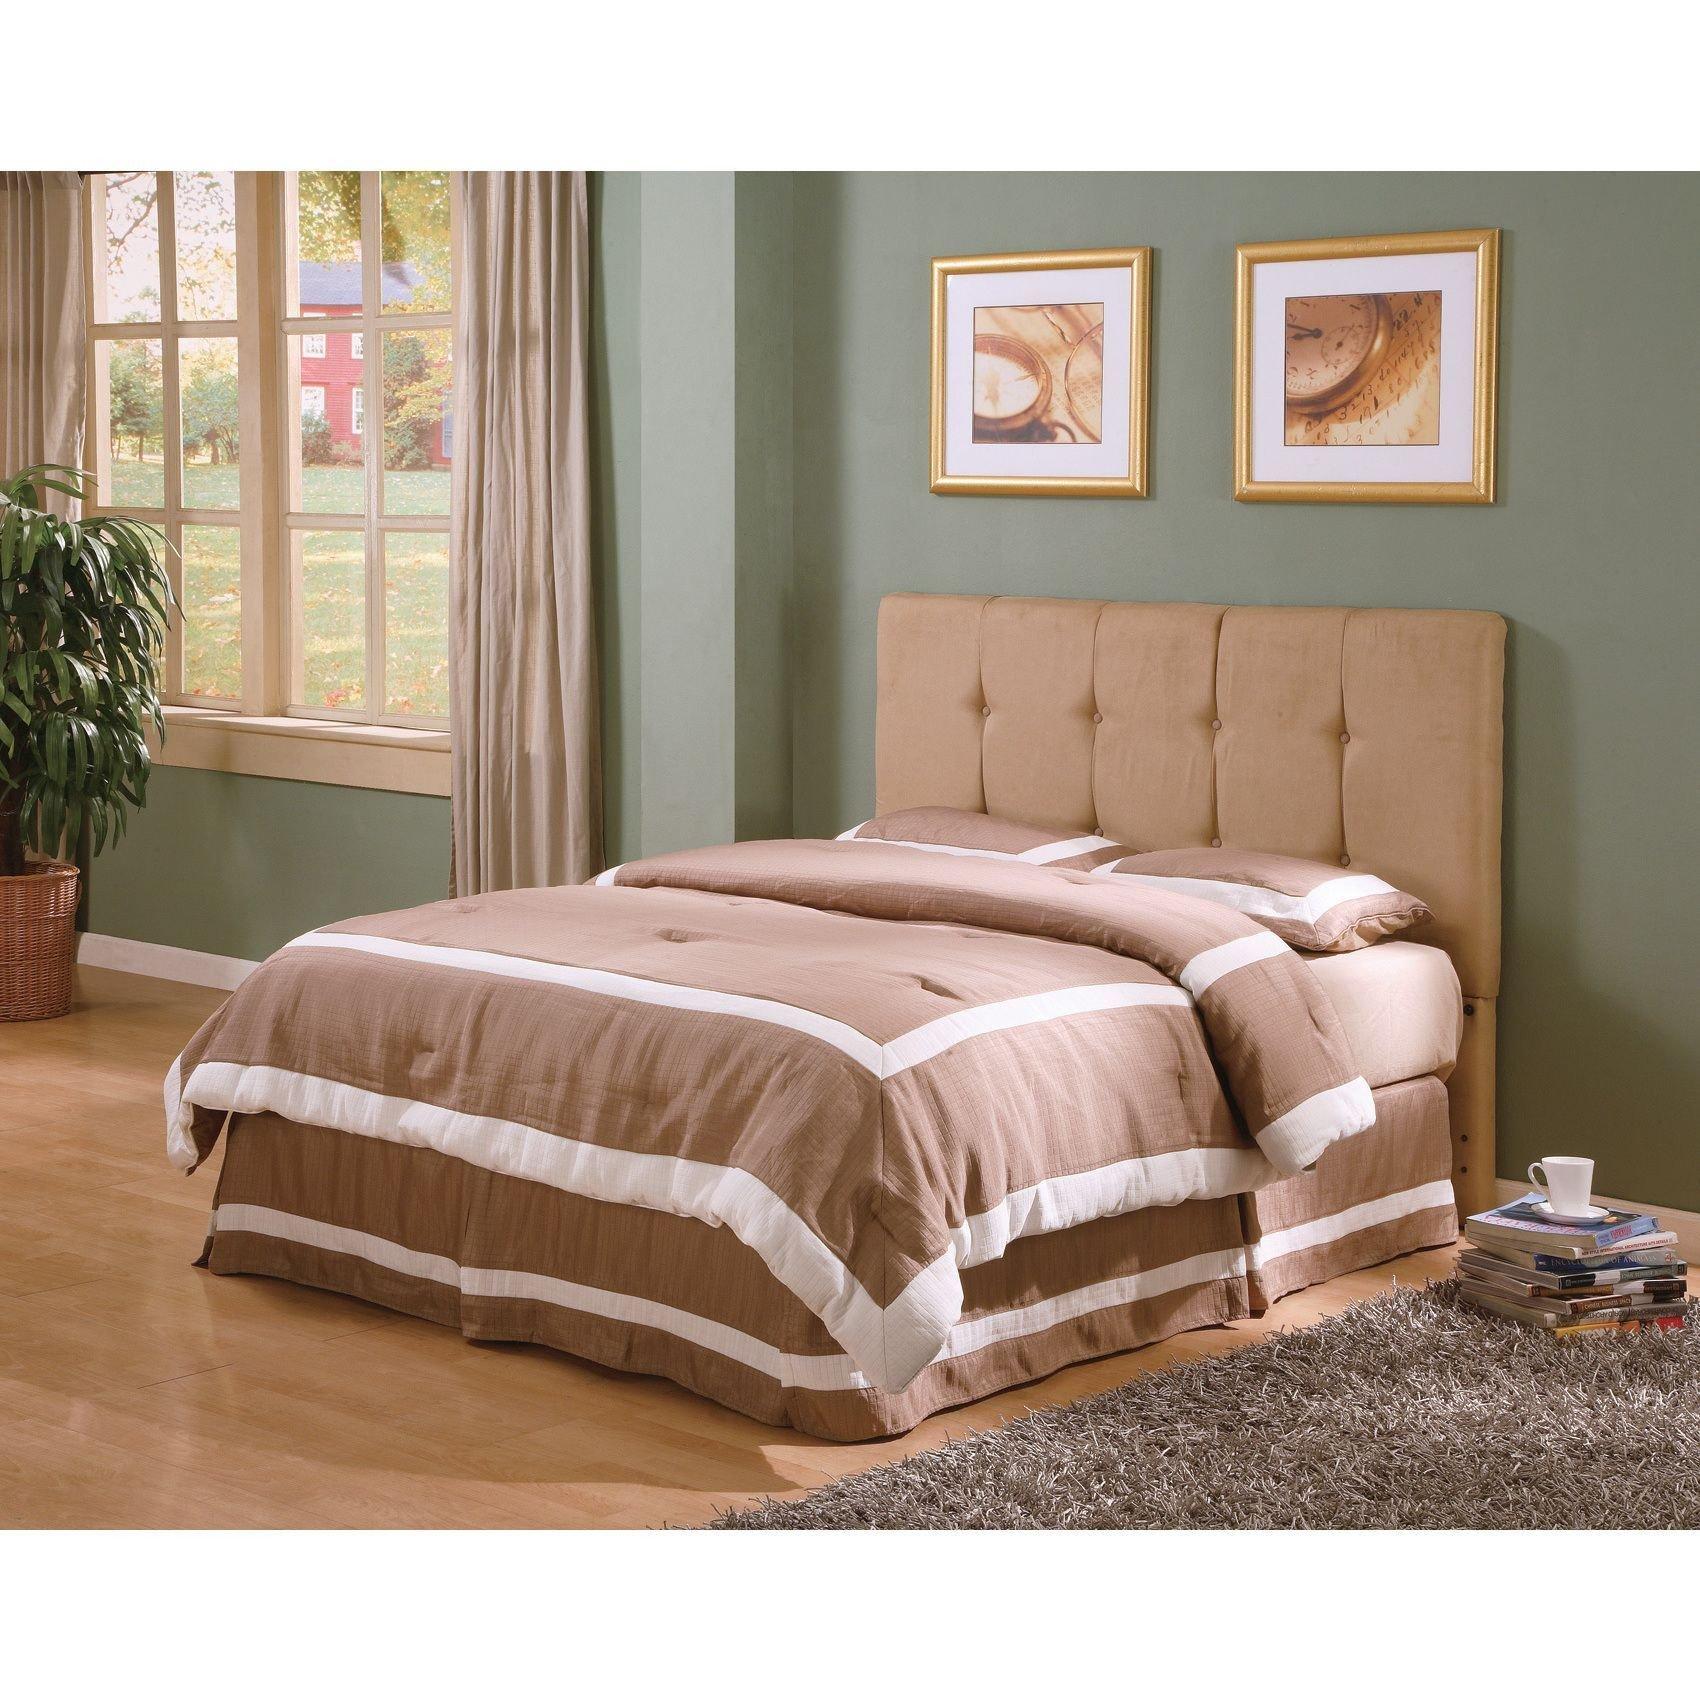 The Dump Bedroom Set New Coaster Pany Beige Upholstered Queen Size Headboard